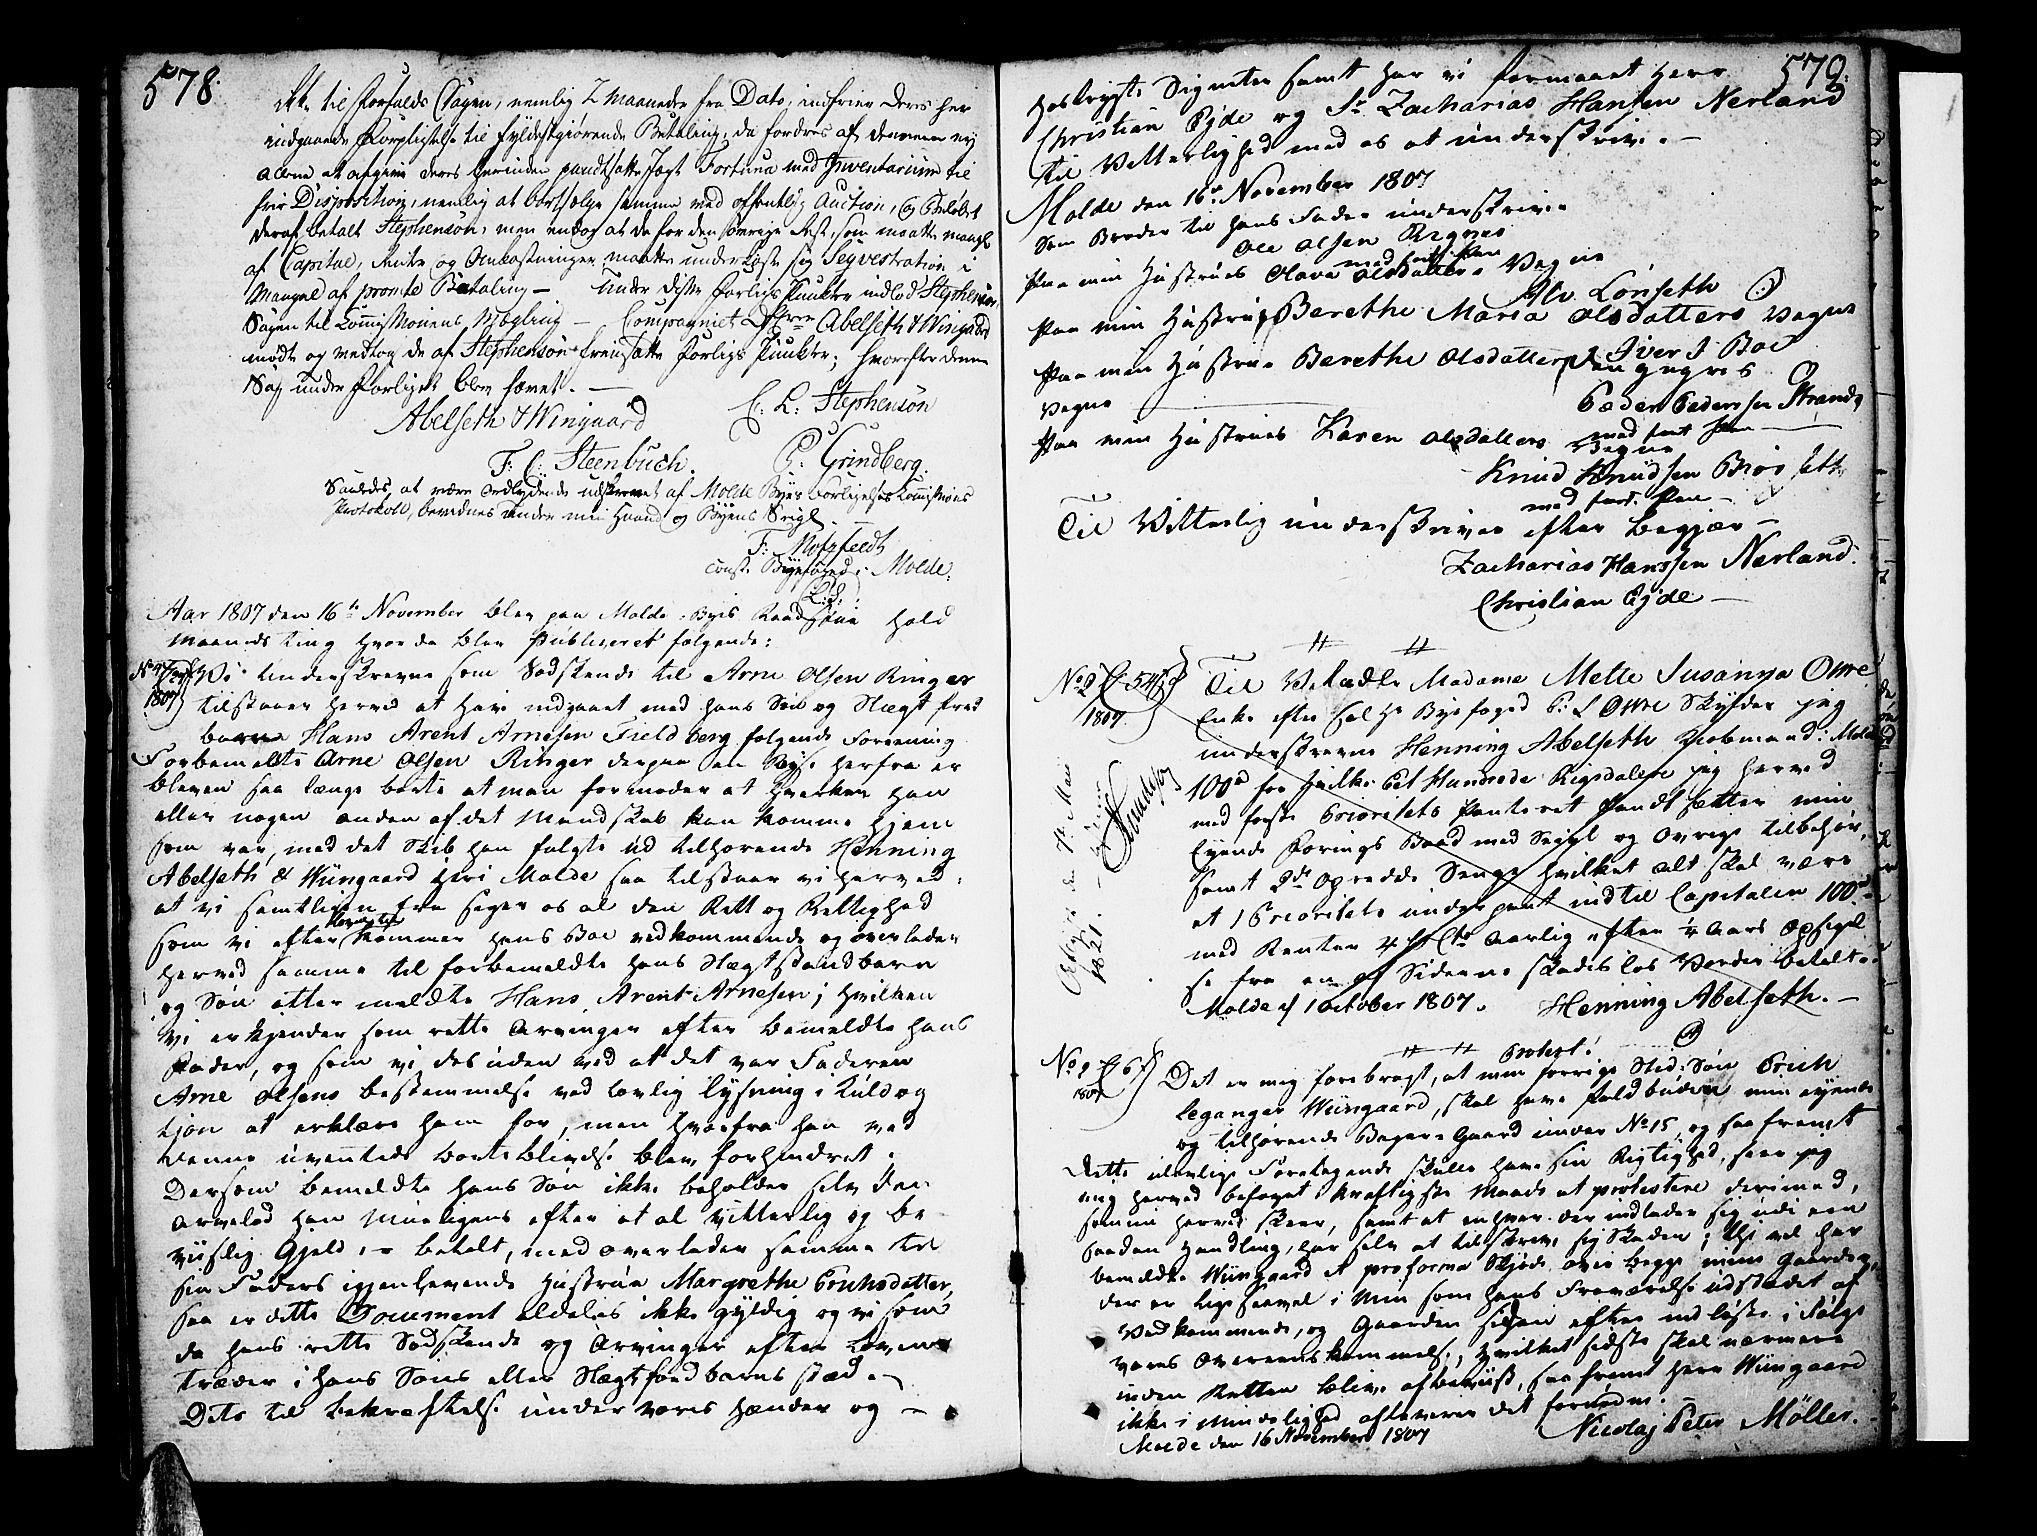 SAT, Molde byfogd, 2/2C/L0001: Pantebok nr. 1, 1748-1823, s. 578-579